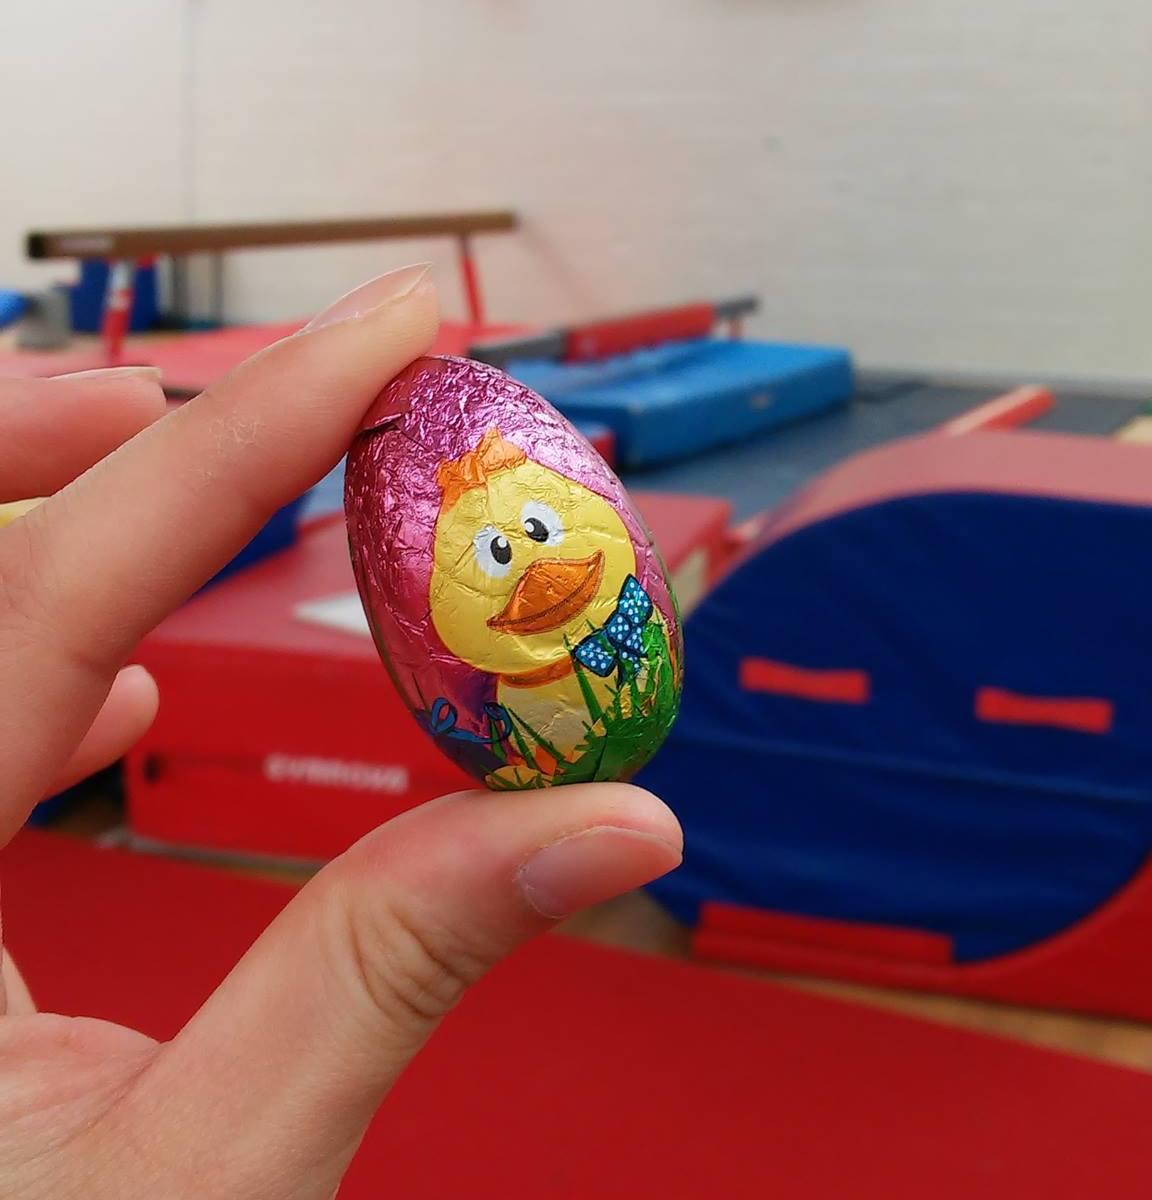 體操營期間,安排一Treasure hunt遊戲,教練們合力收起復活蛋